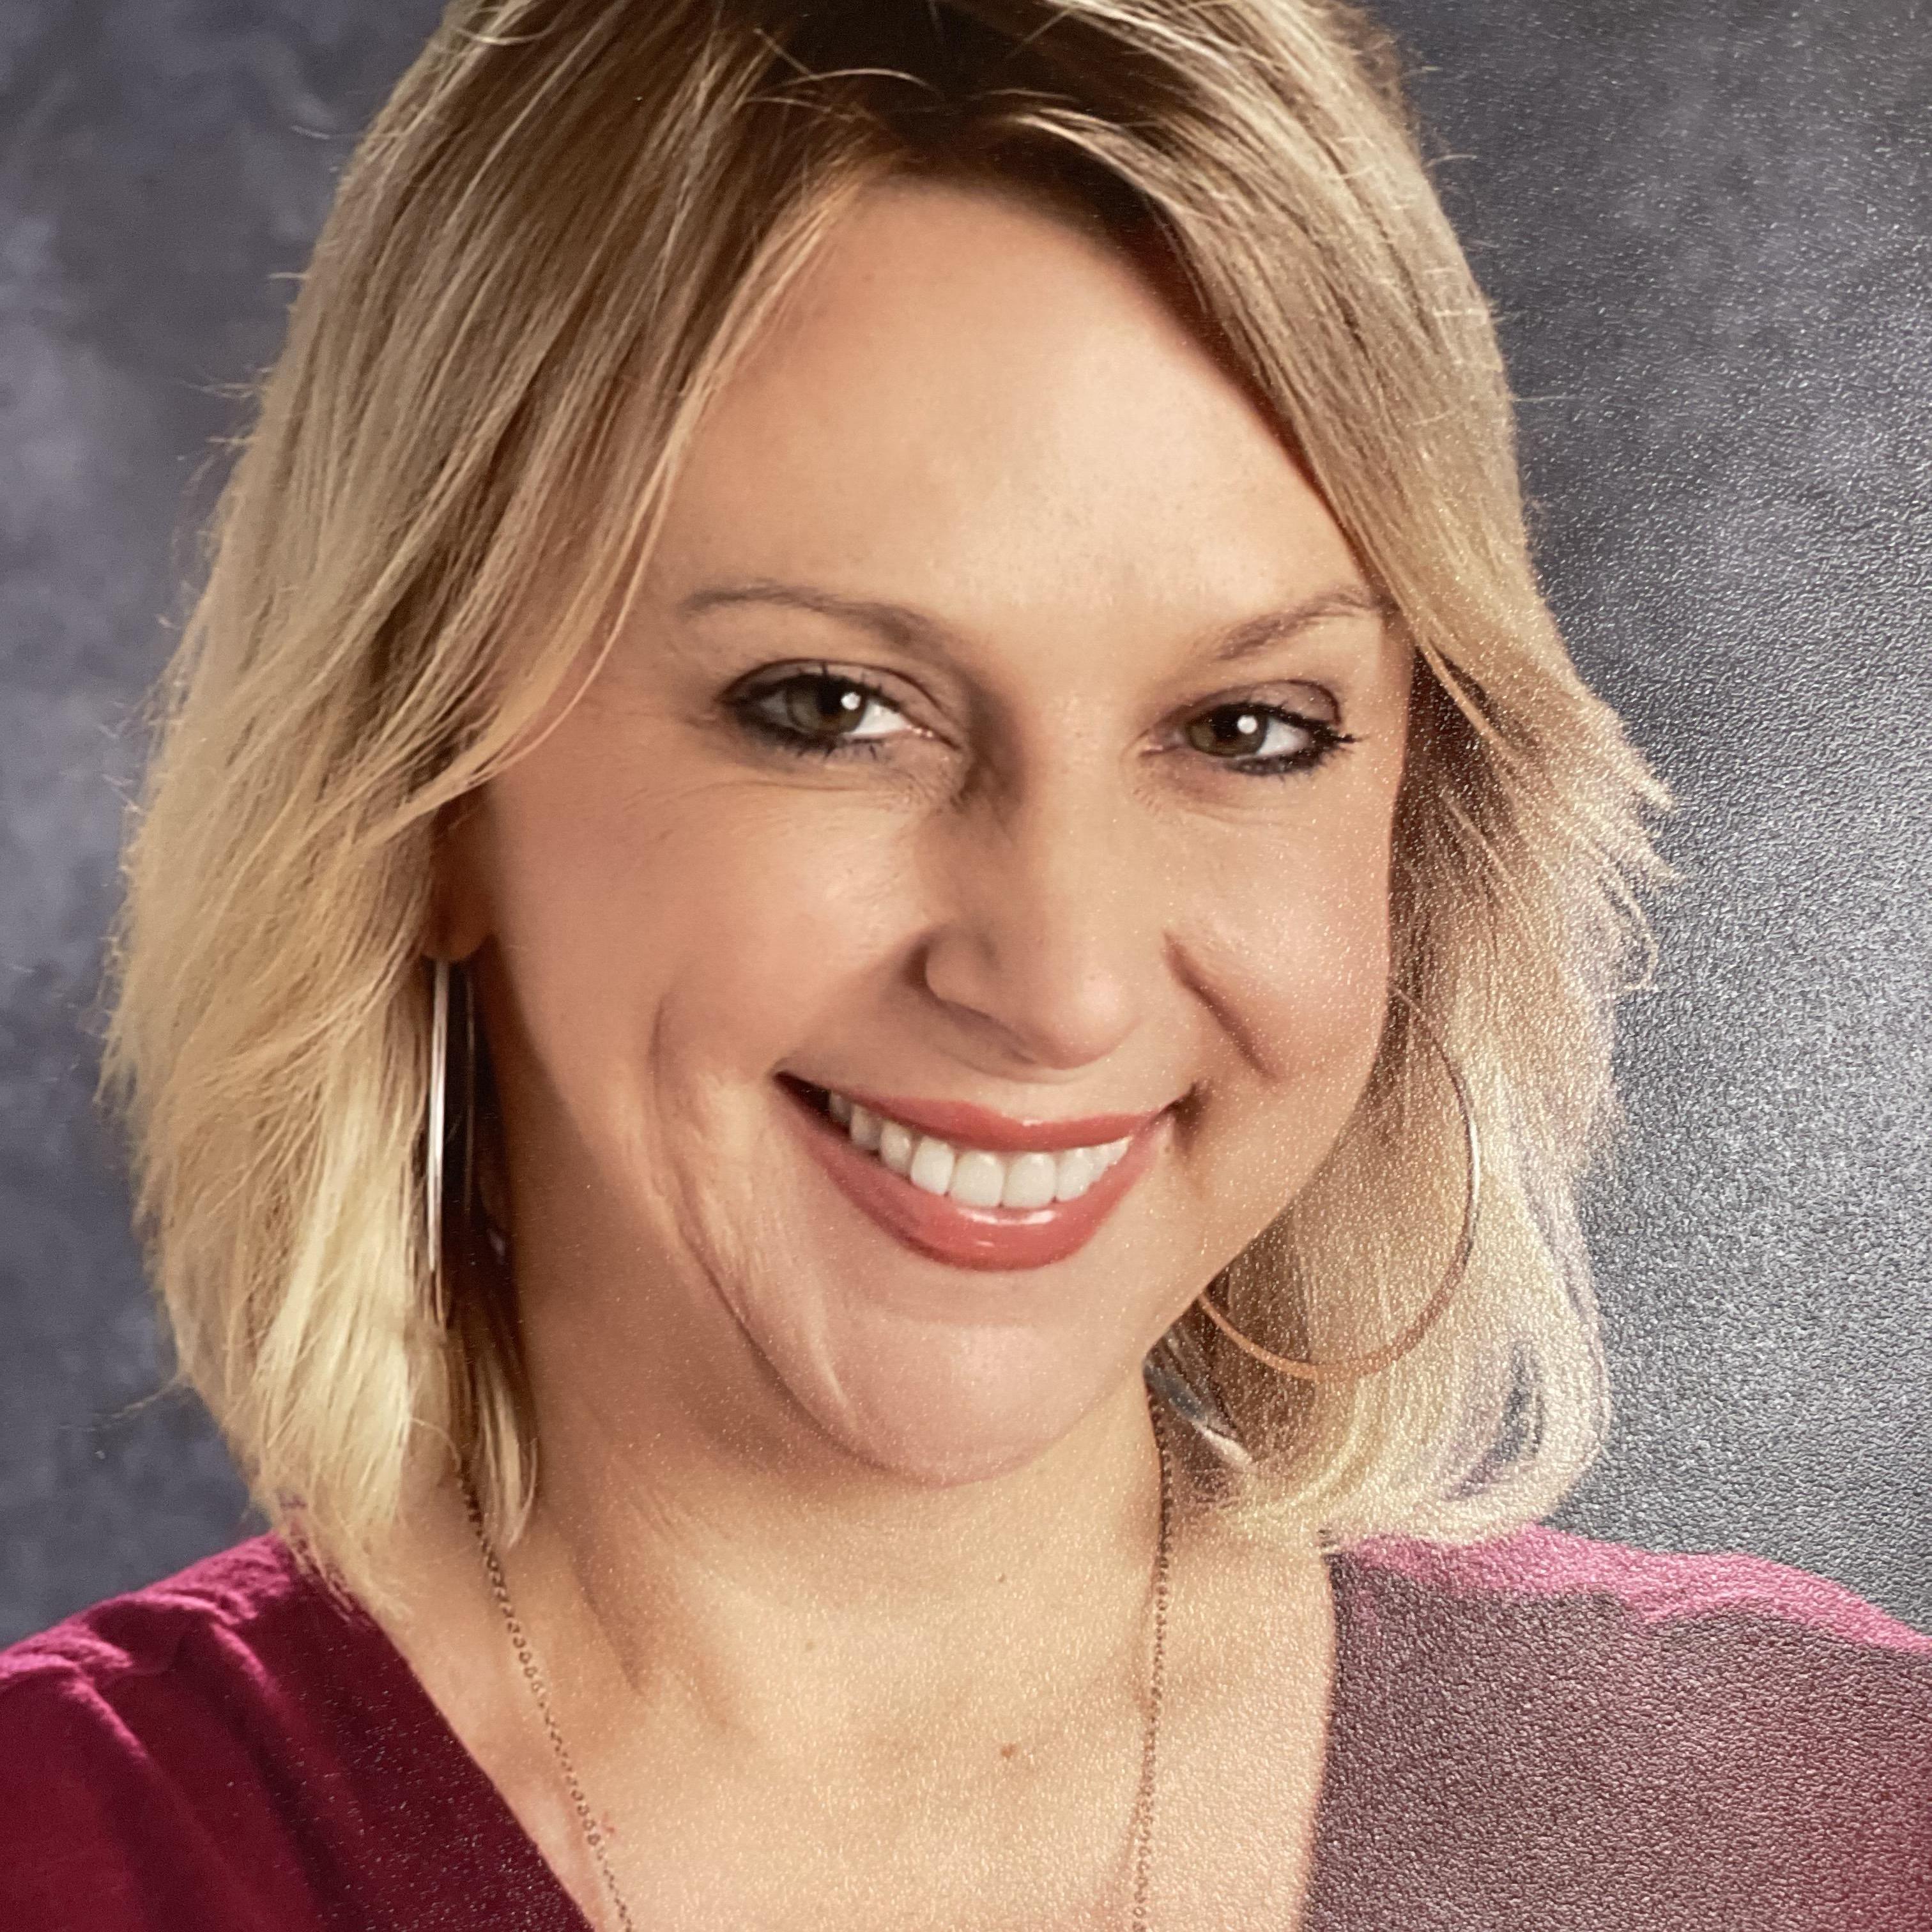 Jessica D'Andrea's Profile Photo